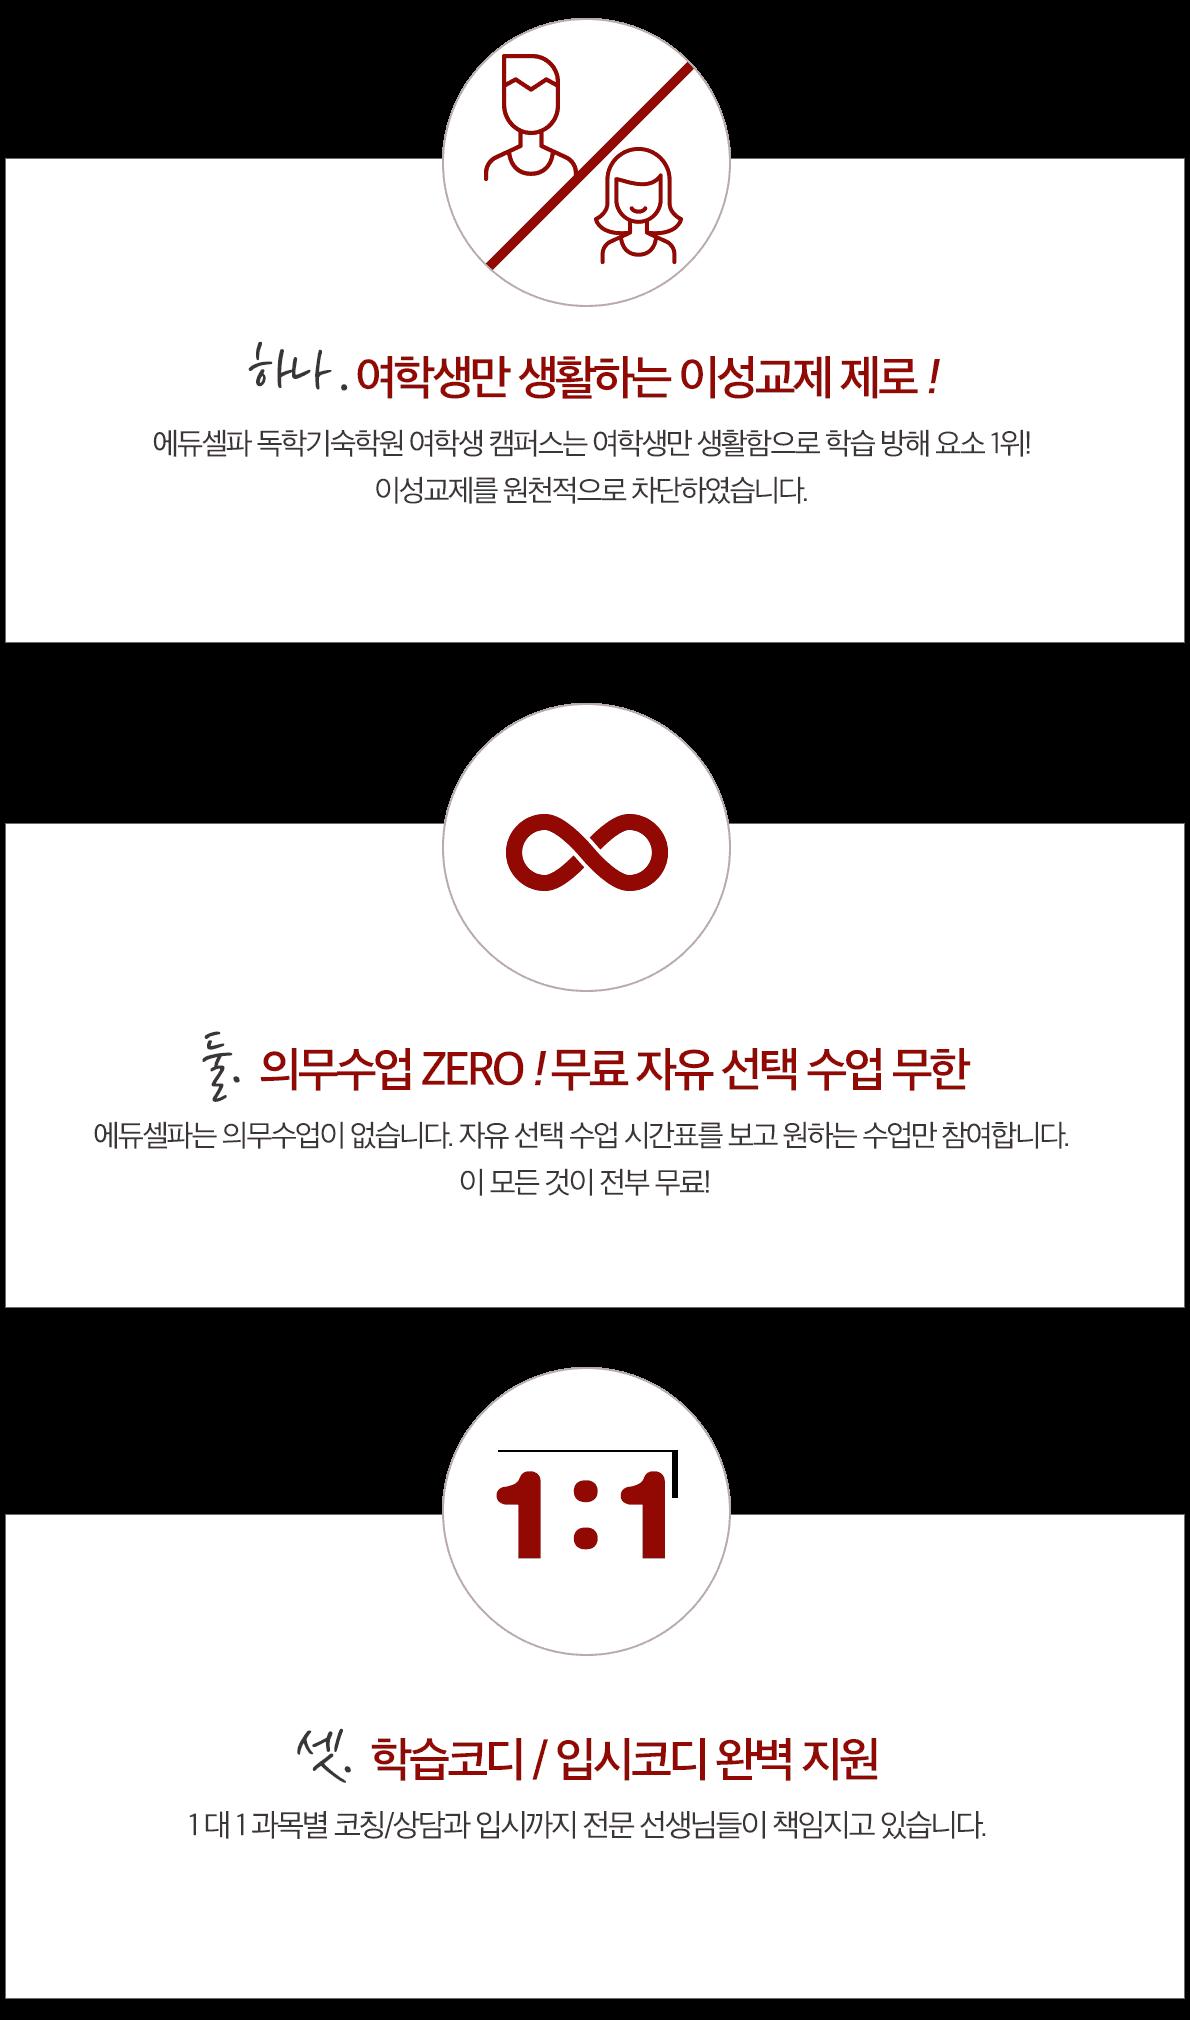 에듀셀파 여학생 독학기숙학원 특징